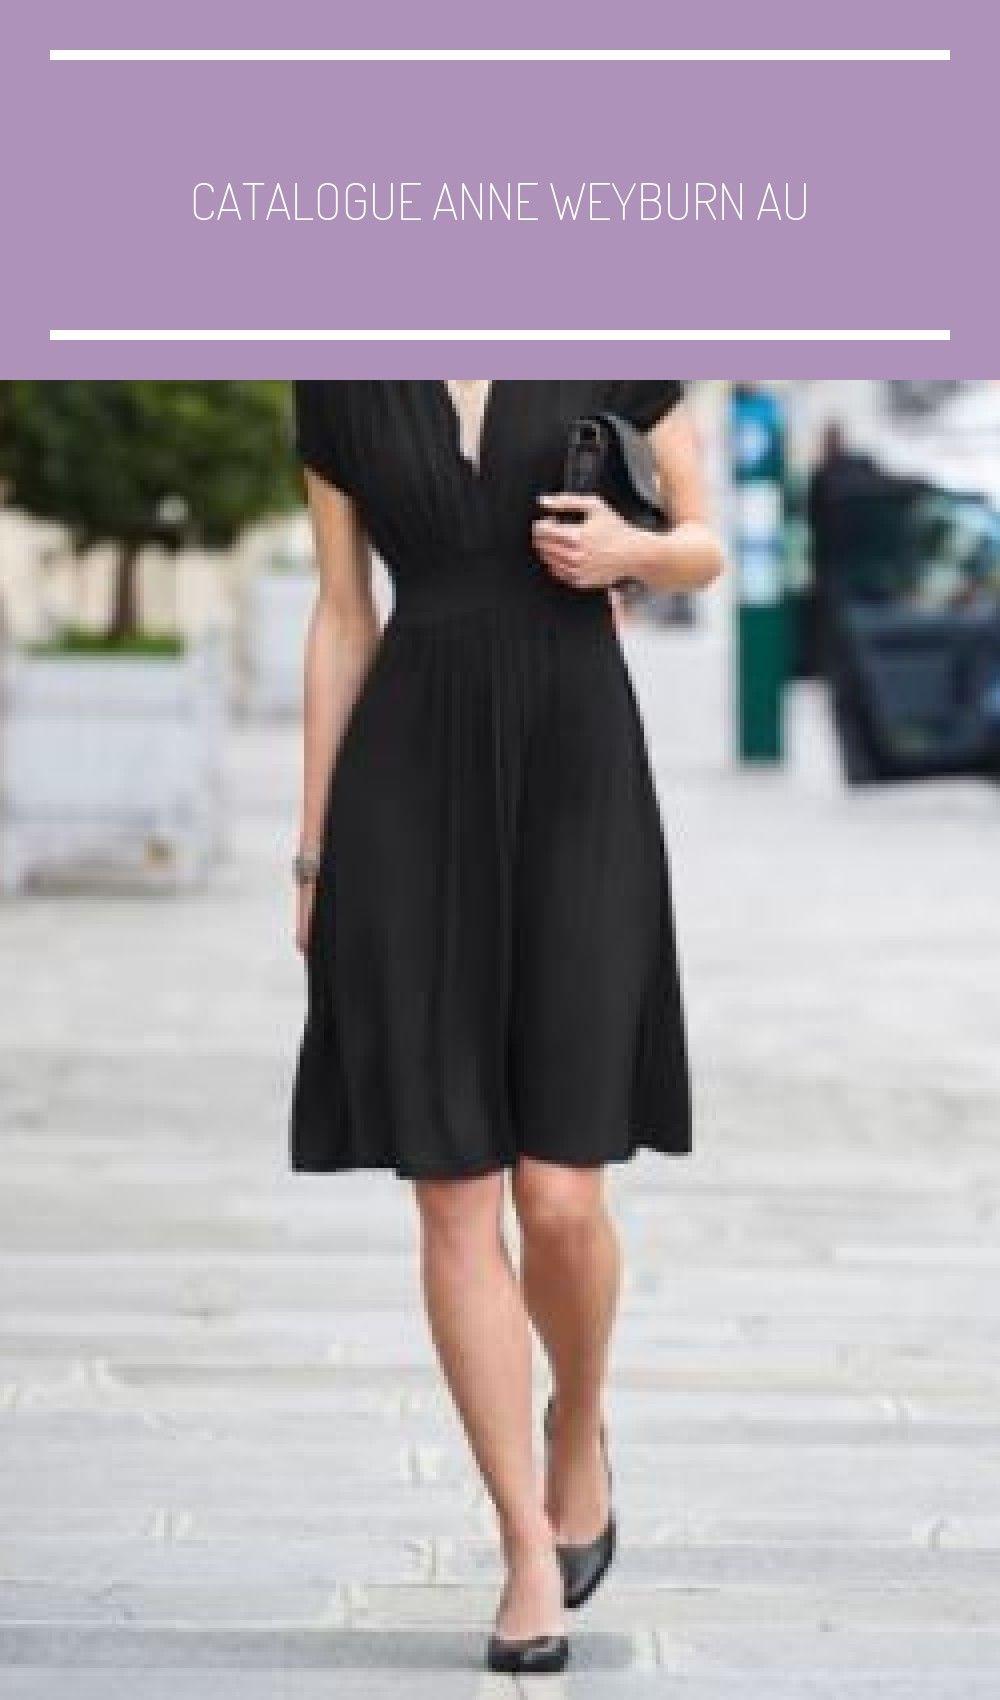 Catalogue Anne Weyburn Au In 2020 Pattern Fashion Anne Weyburn